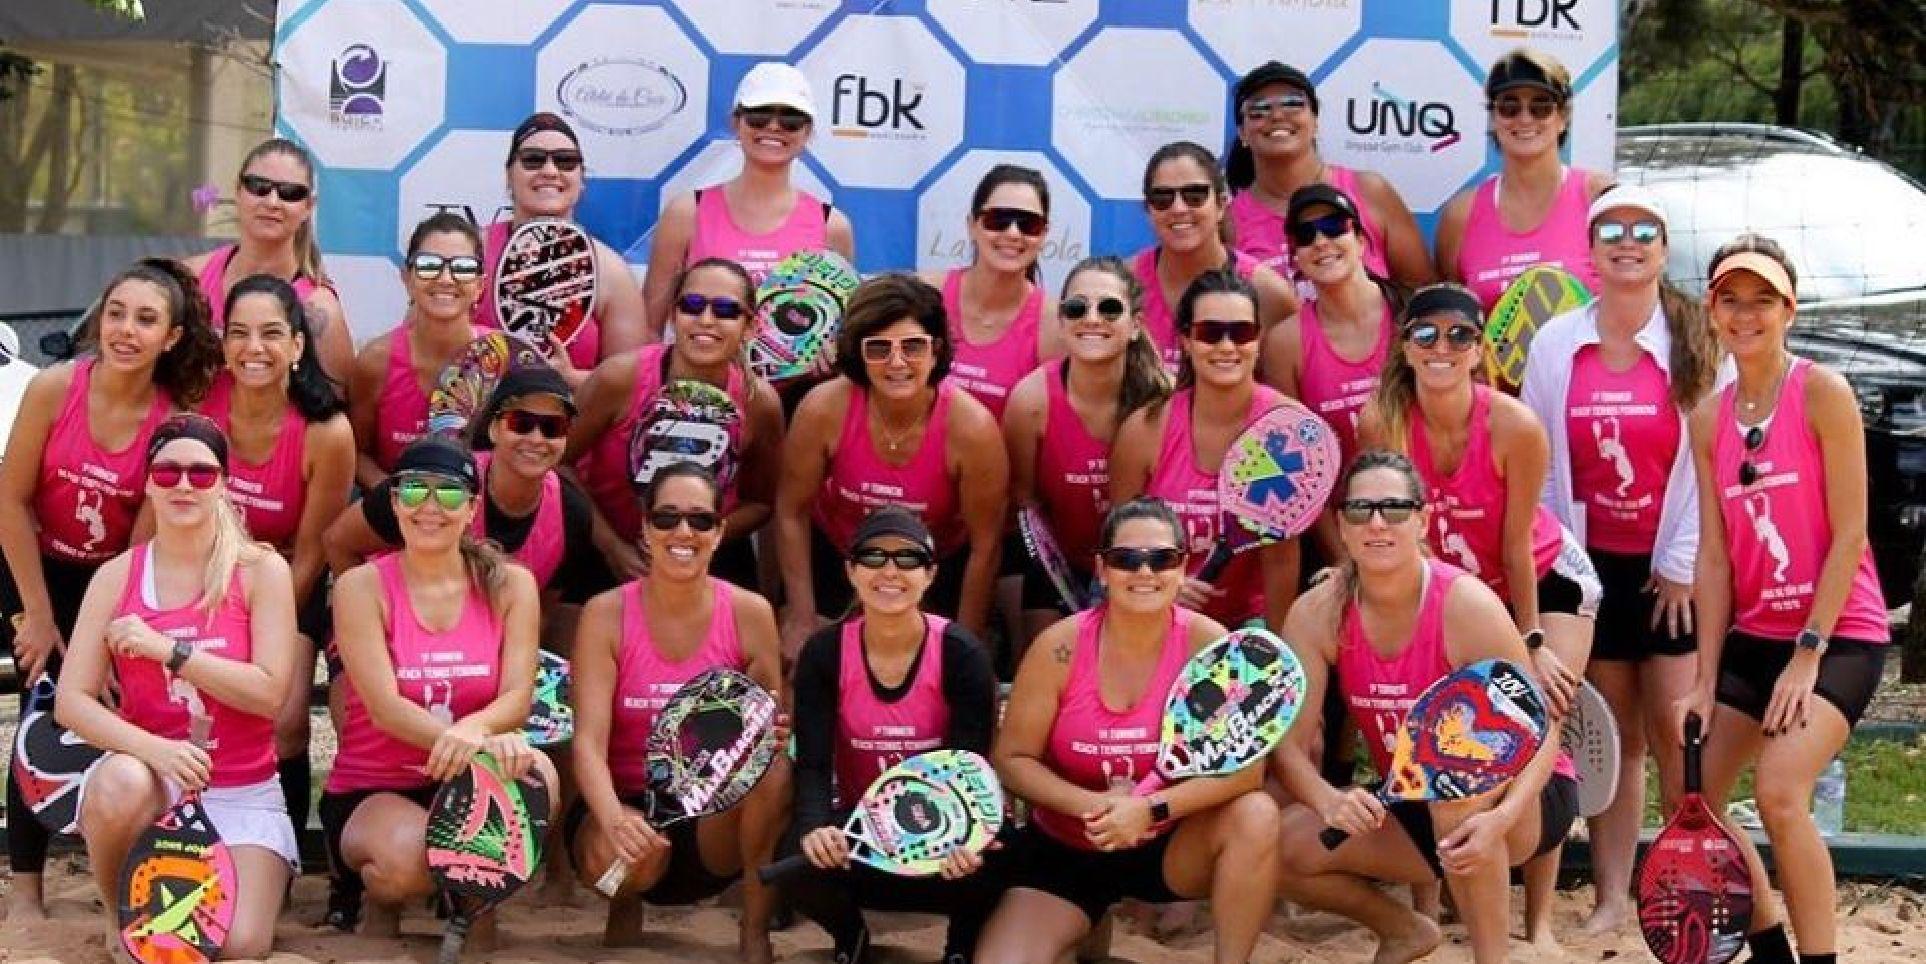 Torneio Feminino de Beach Tennis realizado nas Terras de São José em 2019